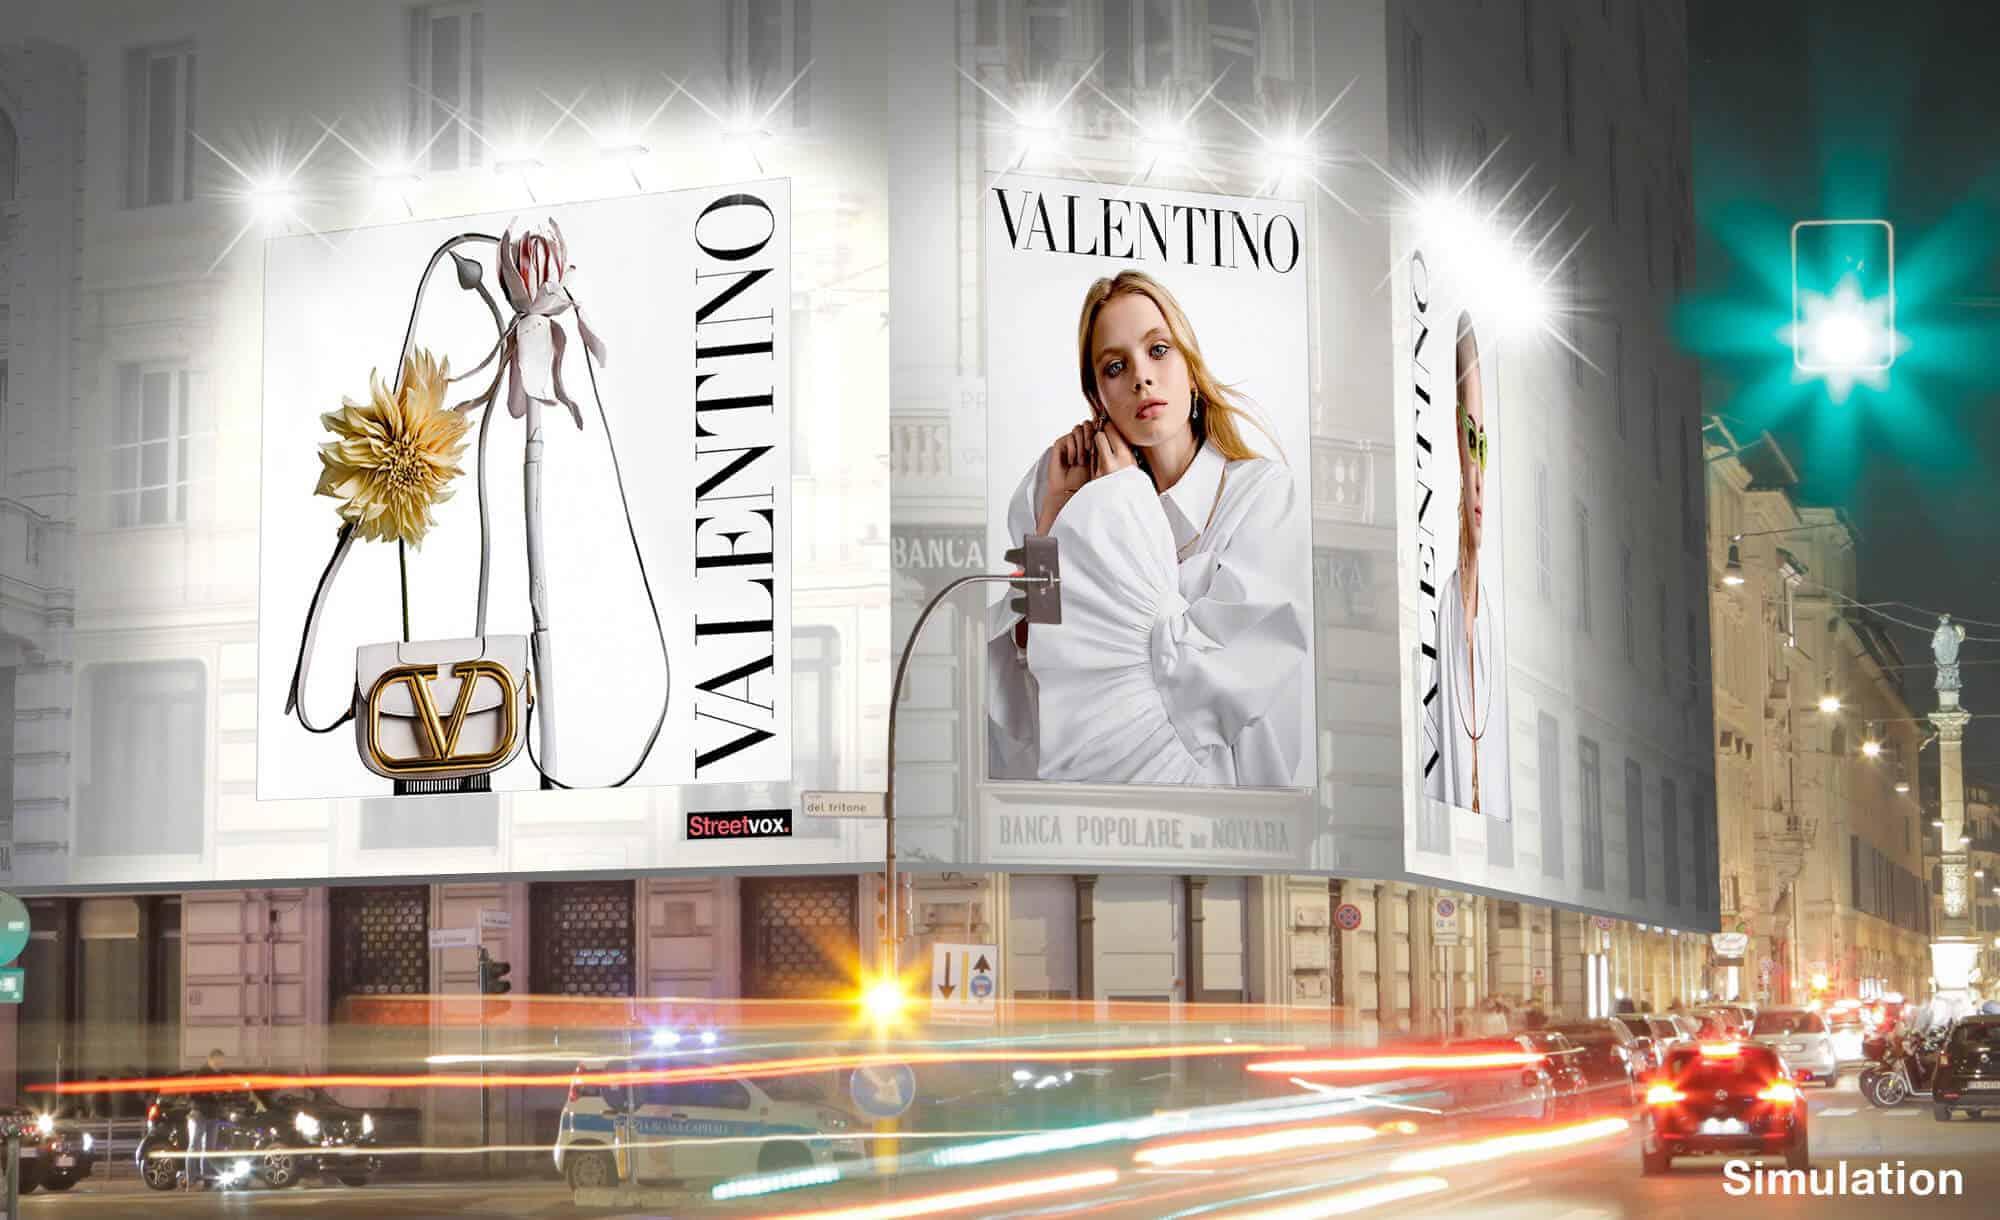 Maxi Affissione Streetvox in Via Tritone 66 a Roma con Moda